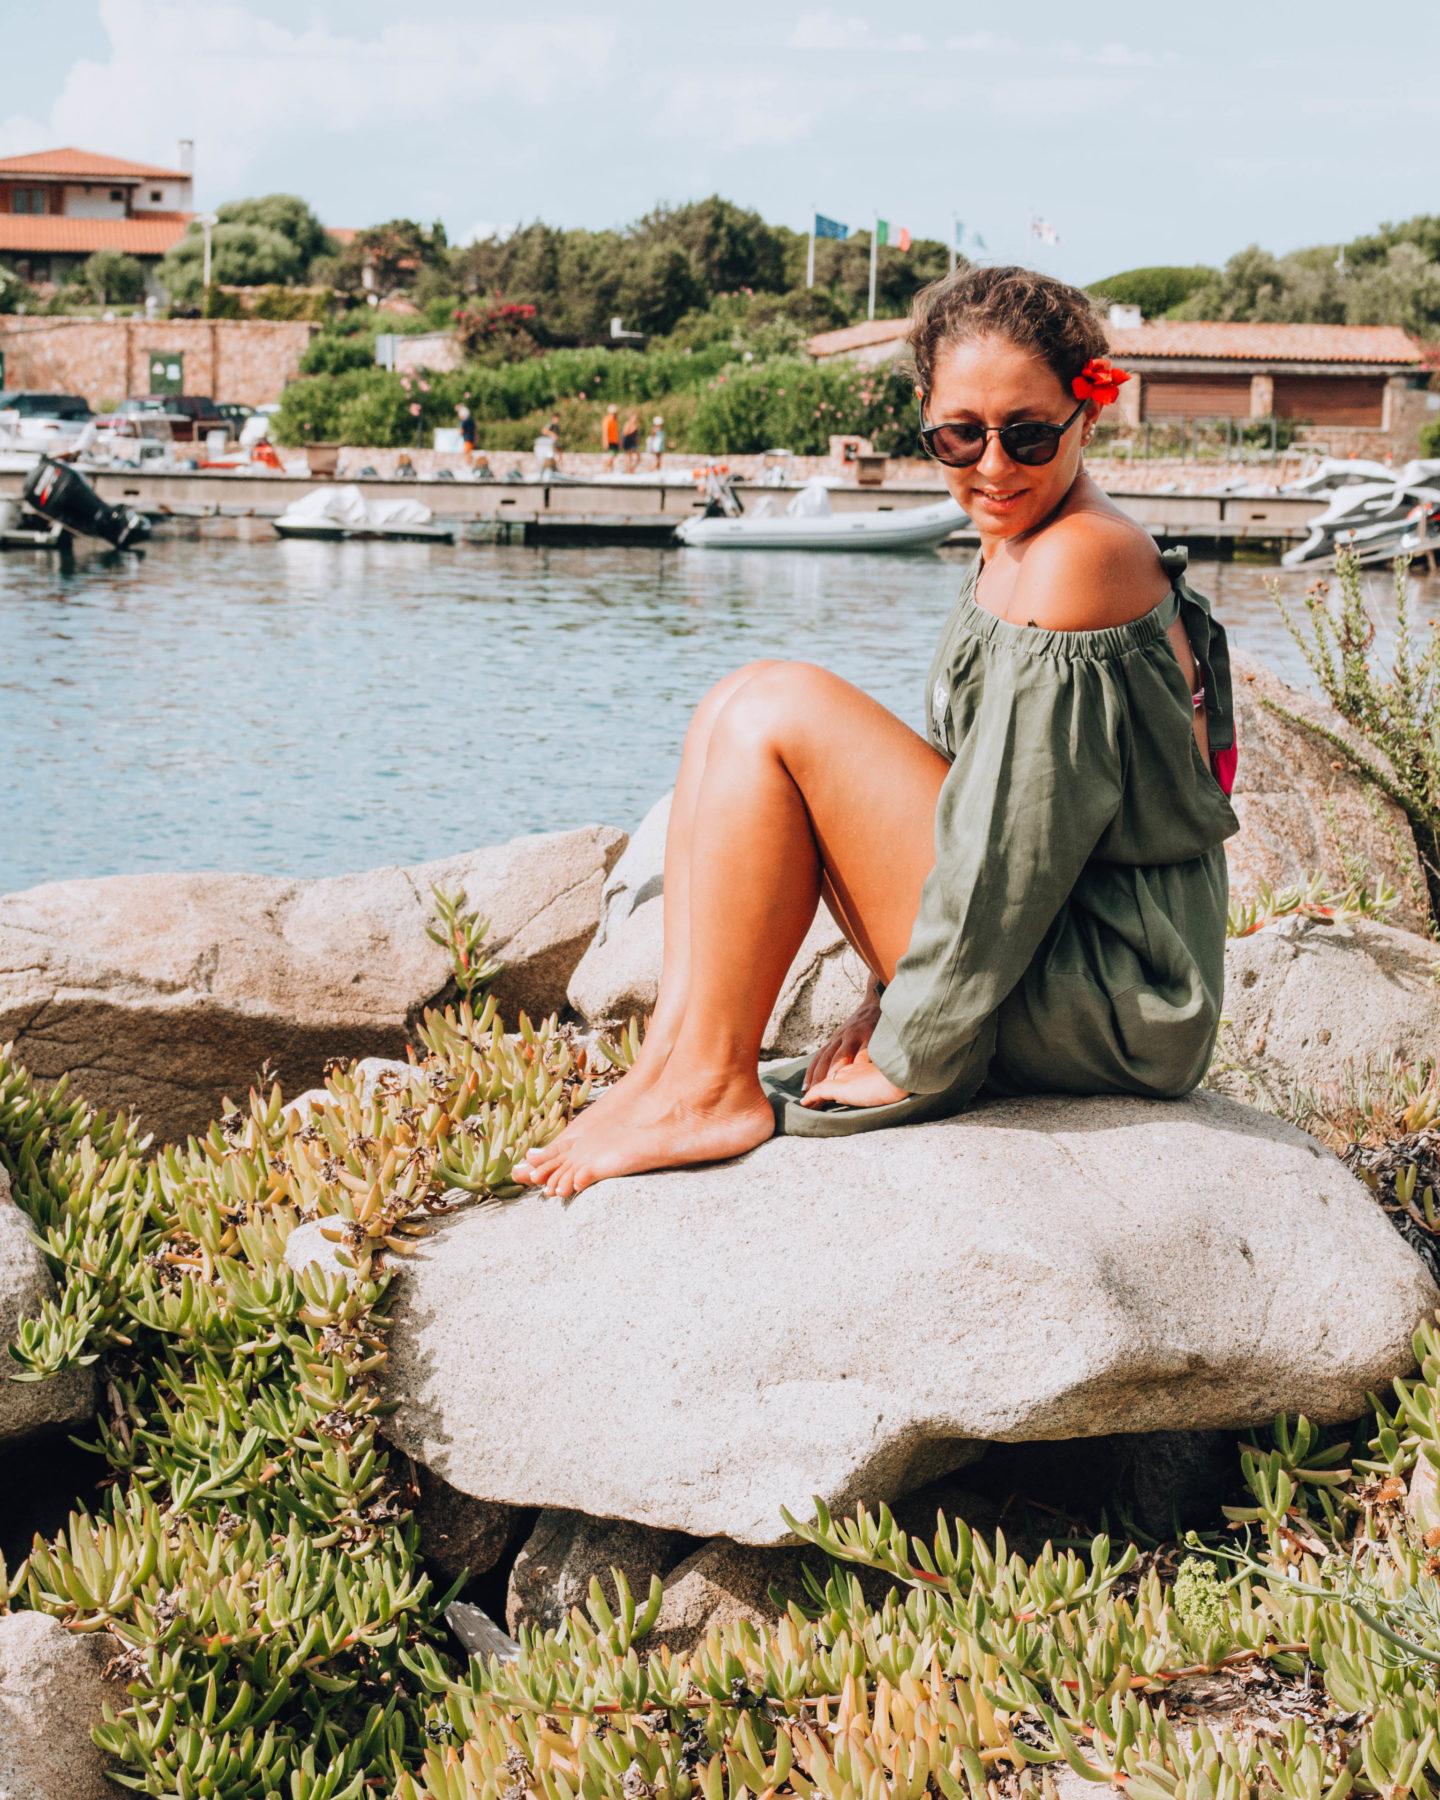 ragazza con fiore tra i capelli seduta su una roccia in una marina